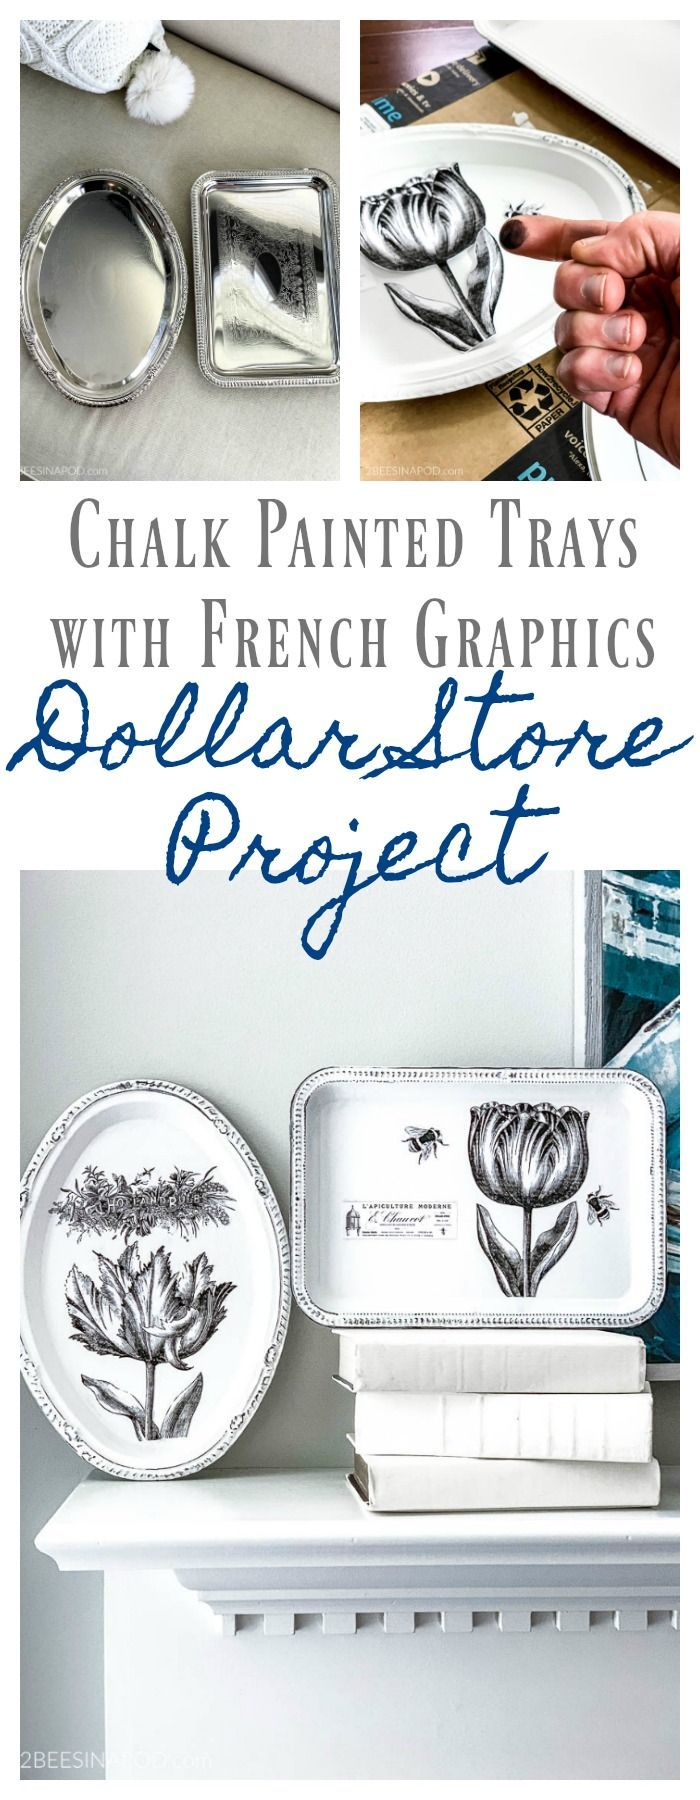 Plateaux peints à la craie avec graphismes français – My Dollar Store DIY